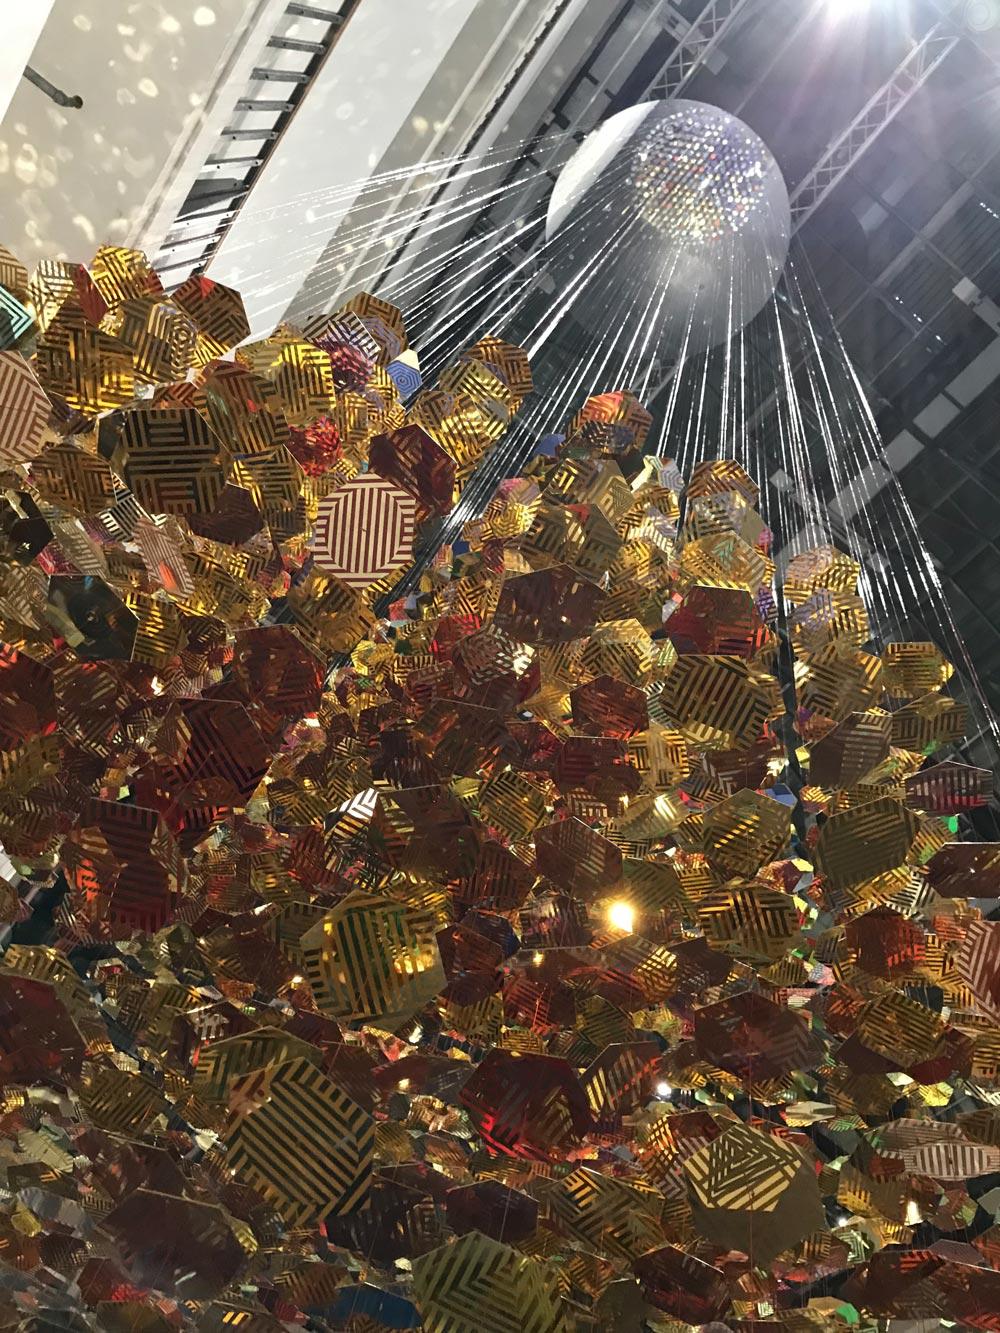 große Kugel, geformt aus vielen kleinen goldenen Metallblättchen, Sicht von unten